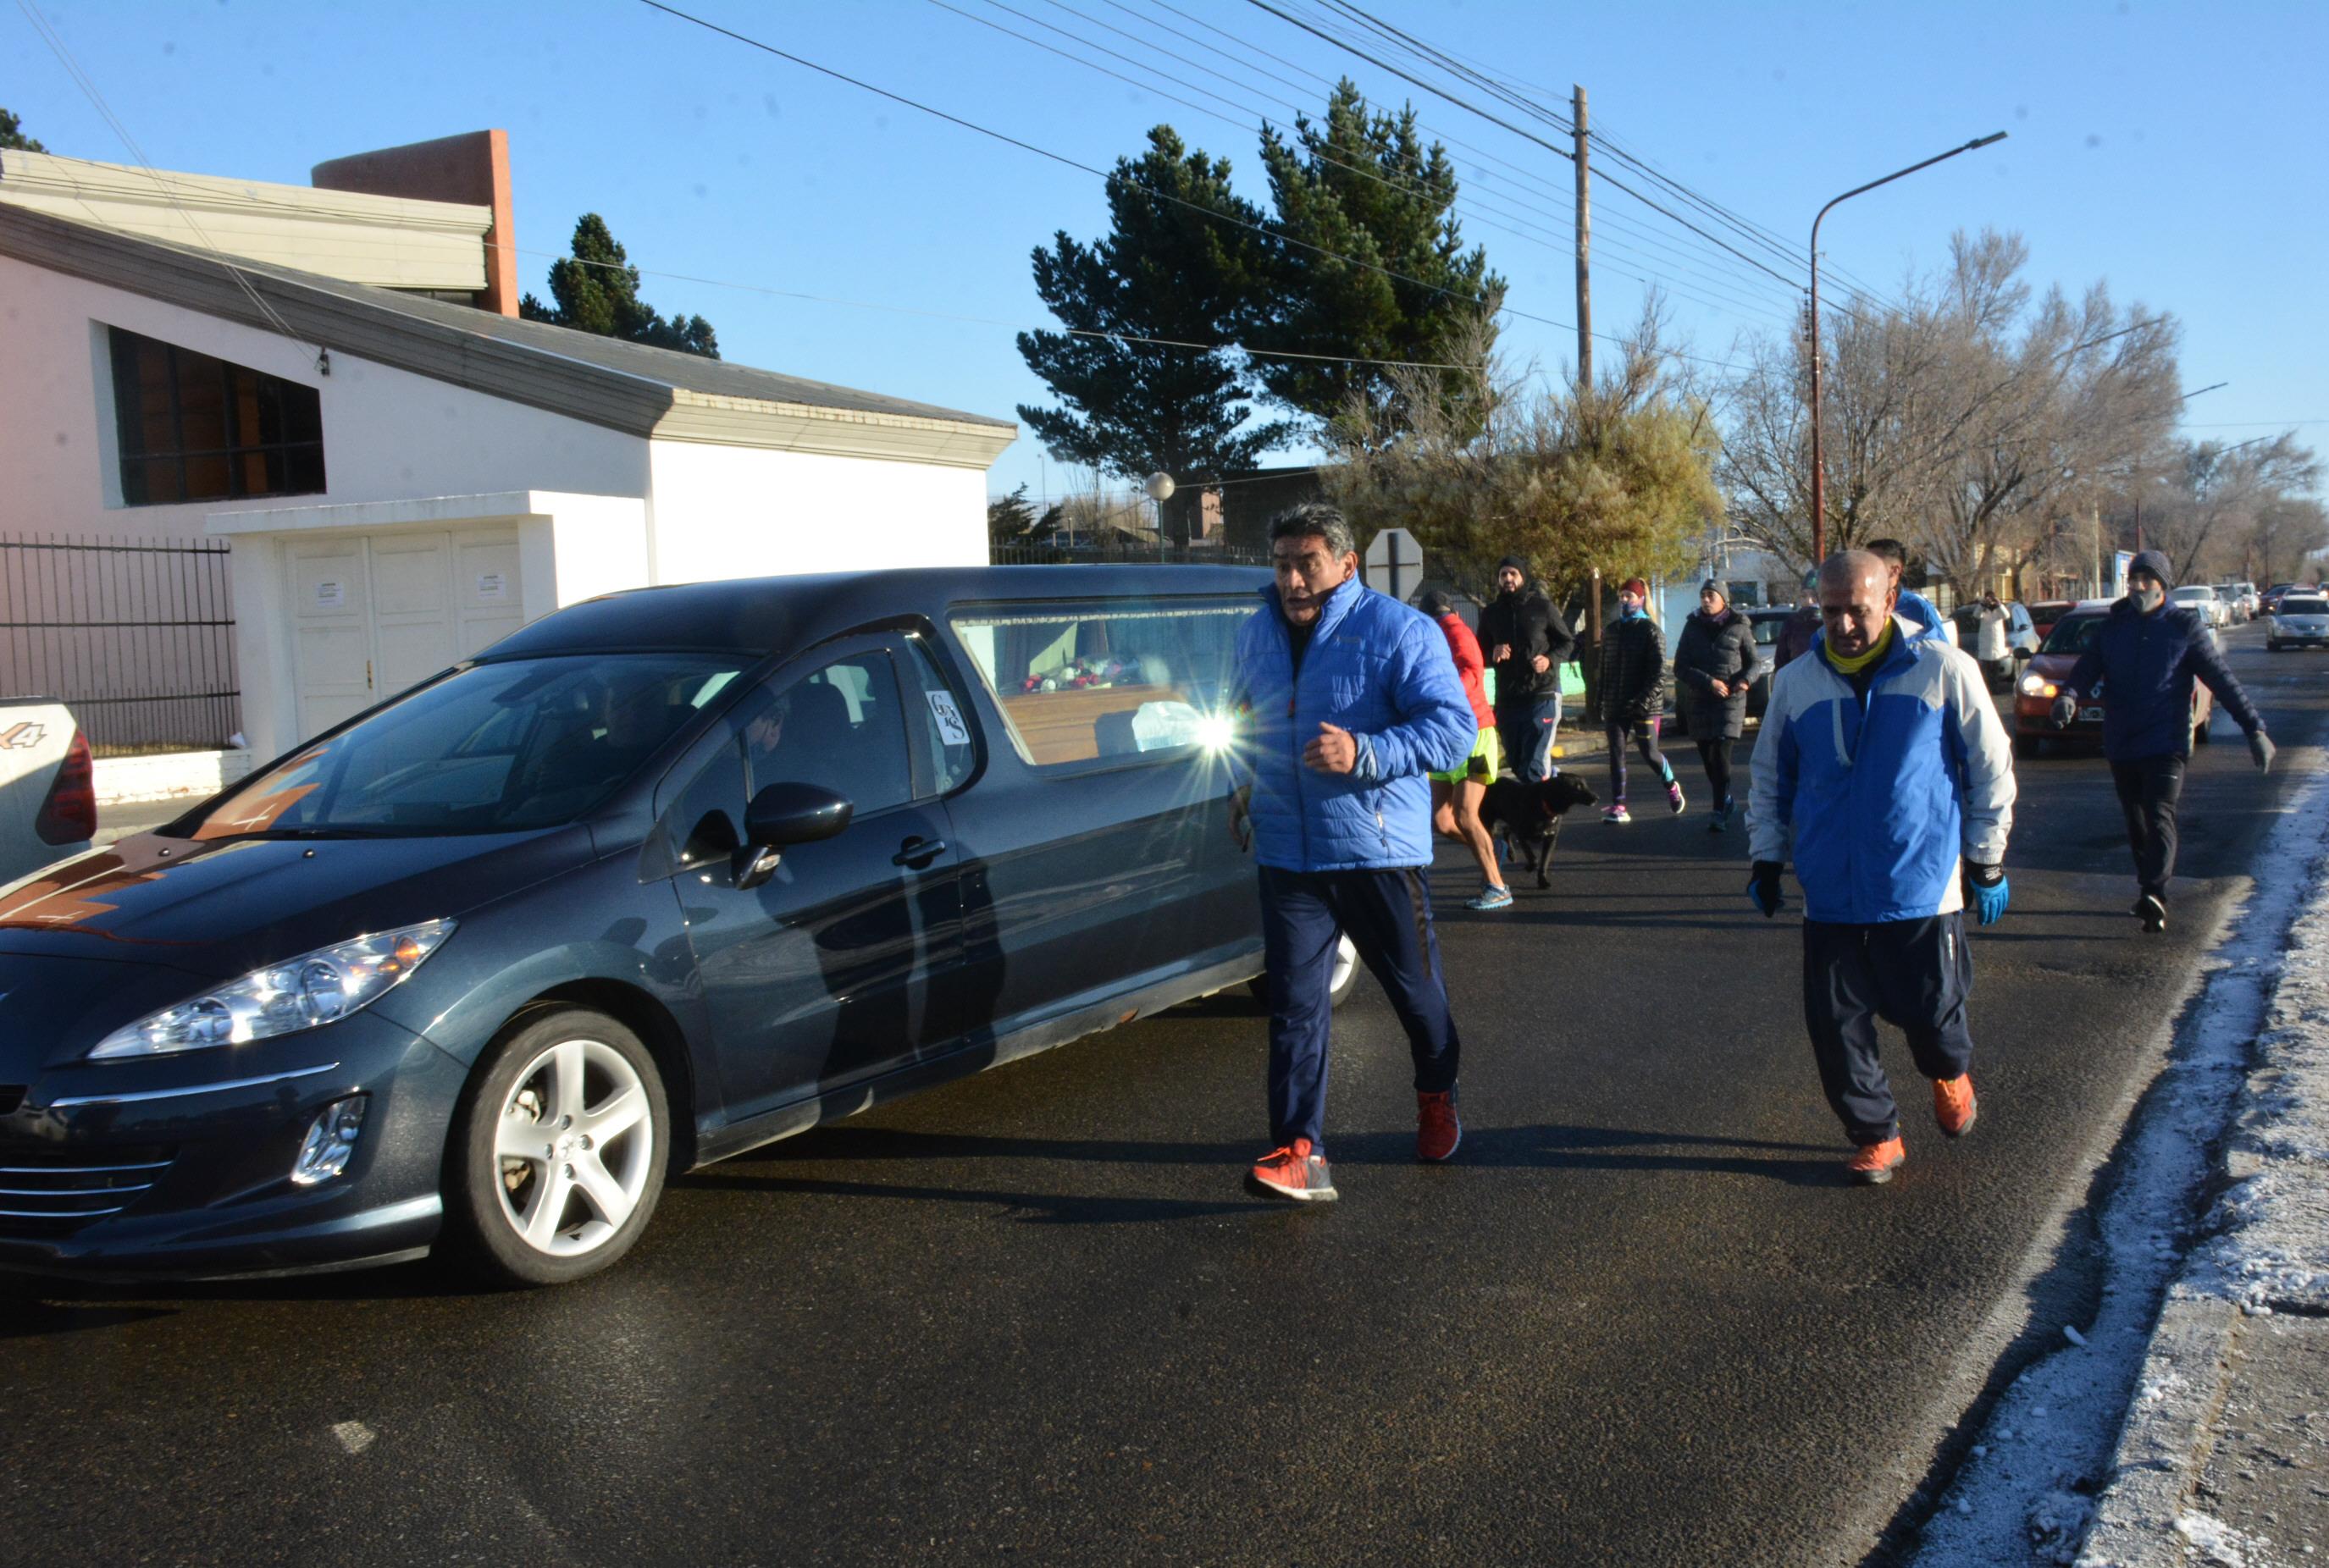 Sus amigos runners corrieron detrás de él, escoltándolo hasta el cementerio